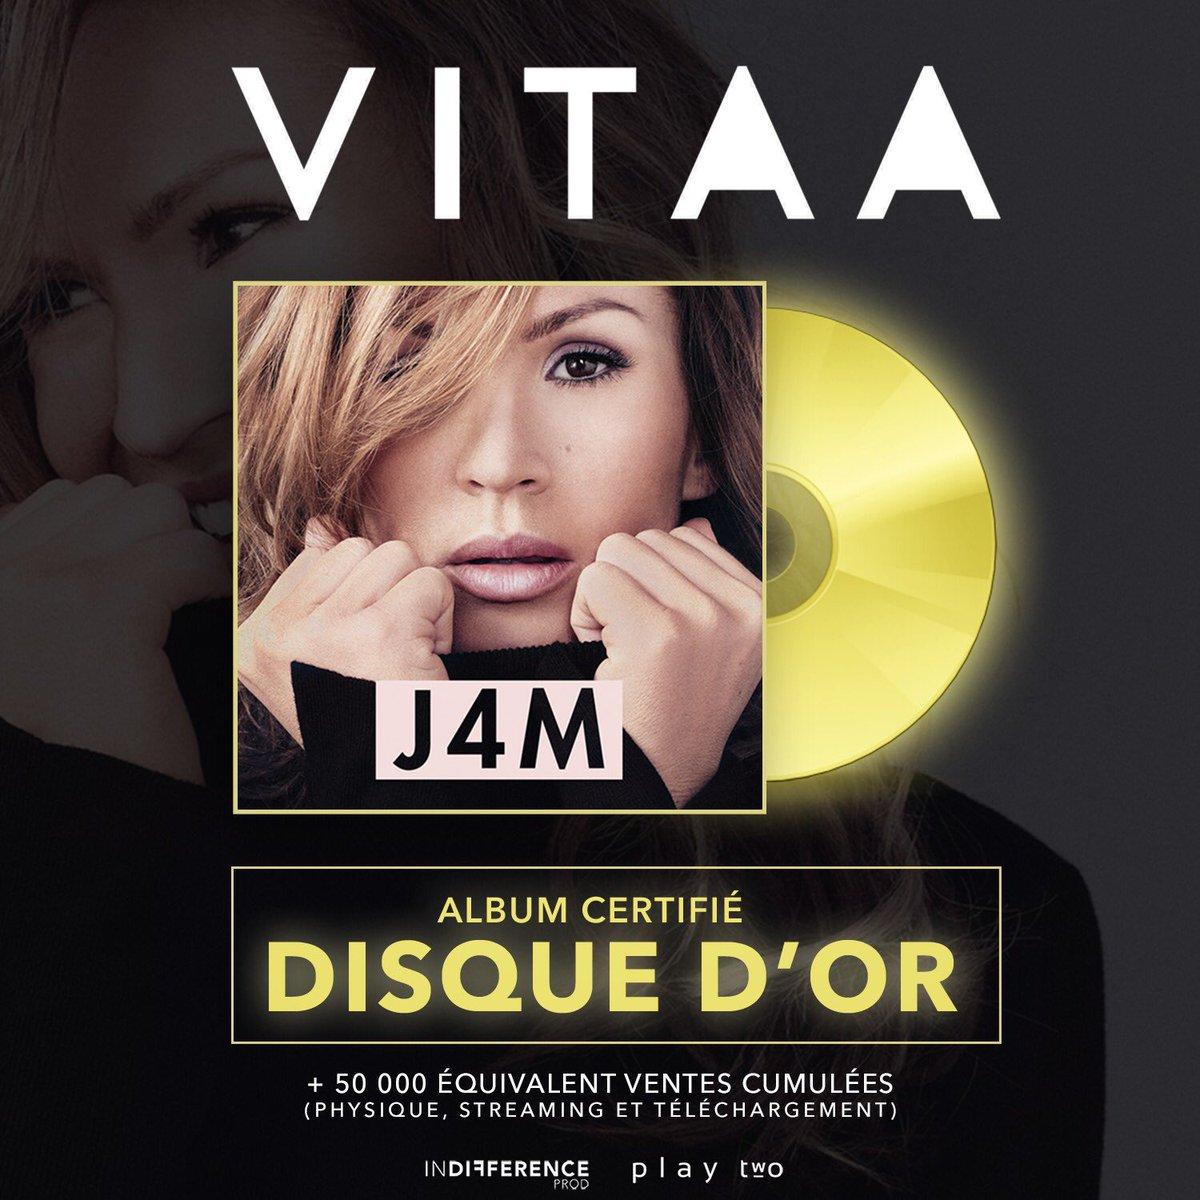 J4M ALBUM VITAA TÉLÉCHARGER